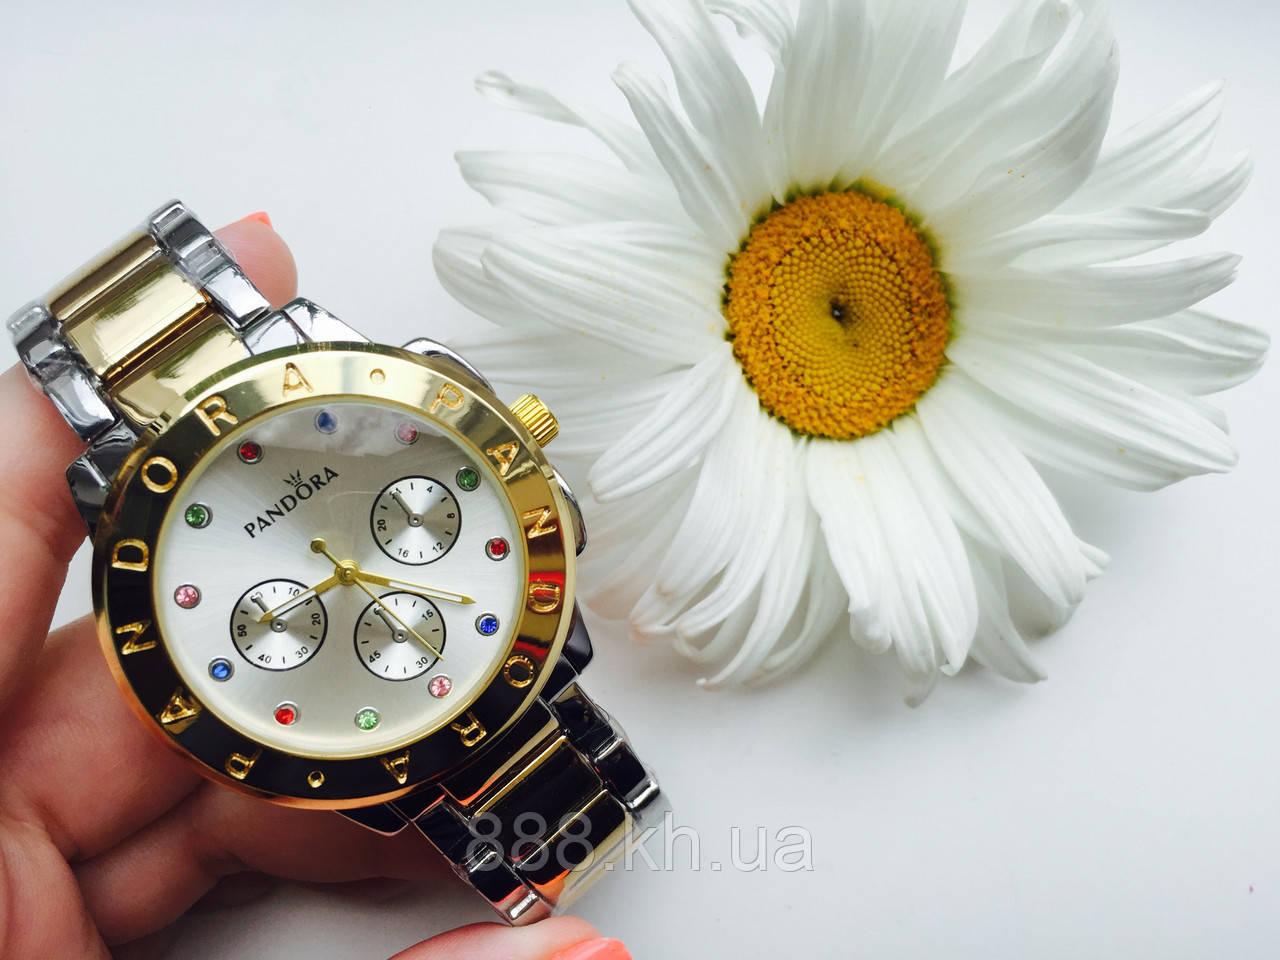 Жіночі наручні годинники жіночі Pandora 8072, стильні годинники на подарунок